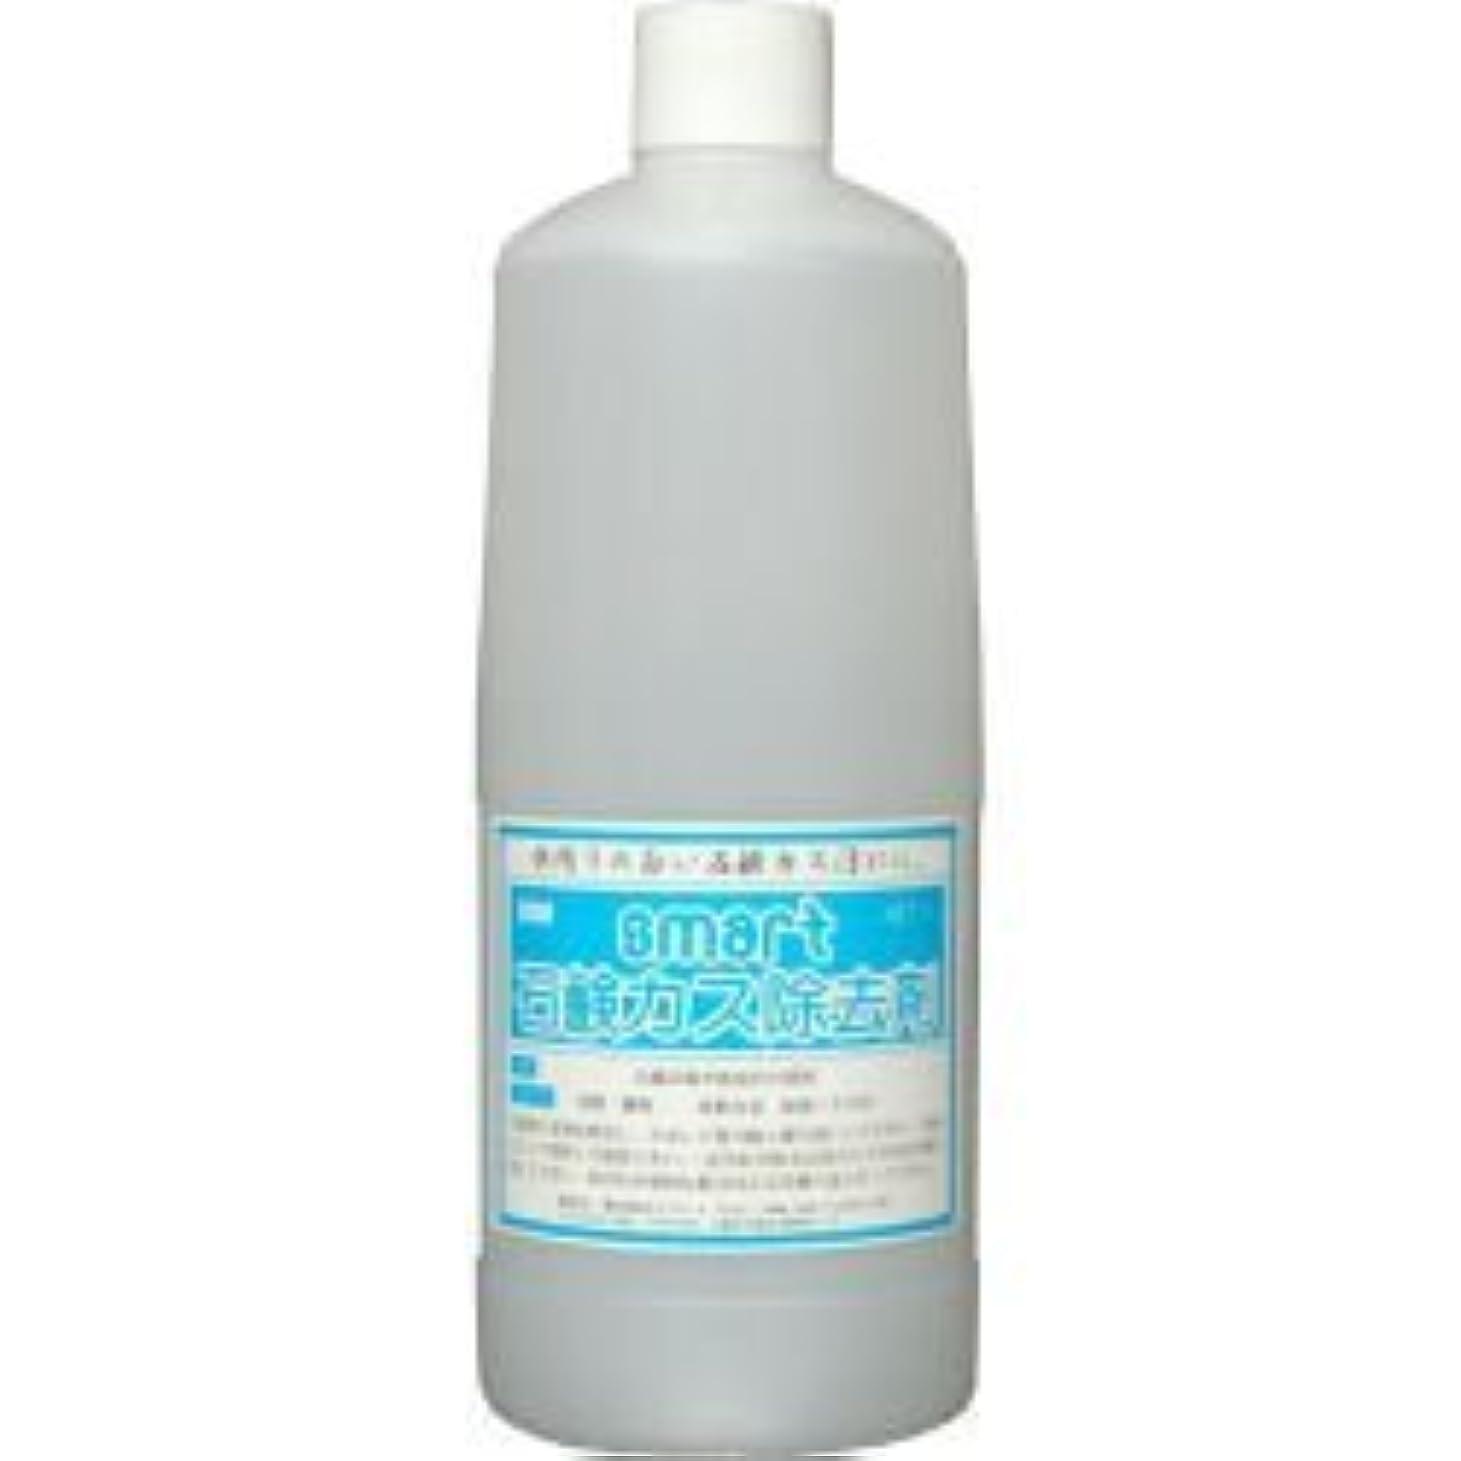 謙虚な間違い手のひらスマート石鹸カス除去剤 1L